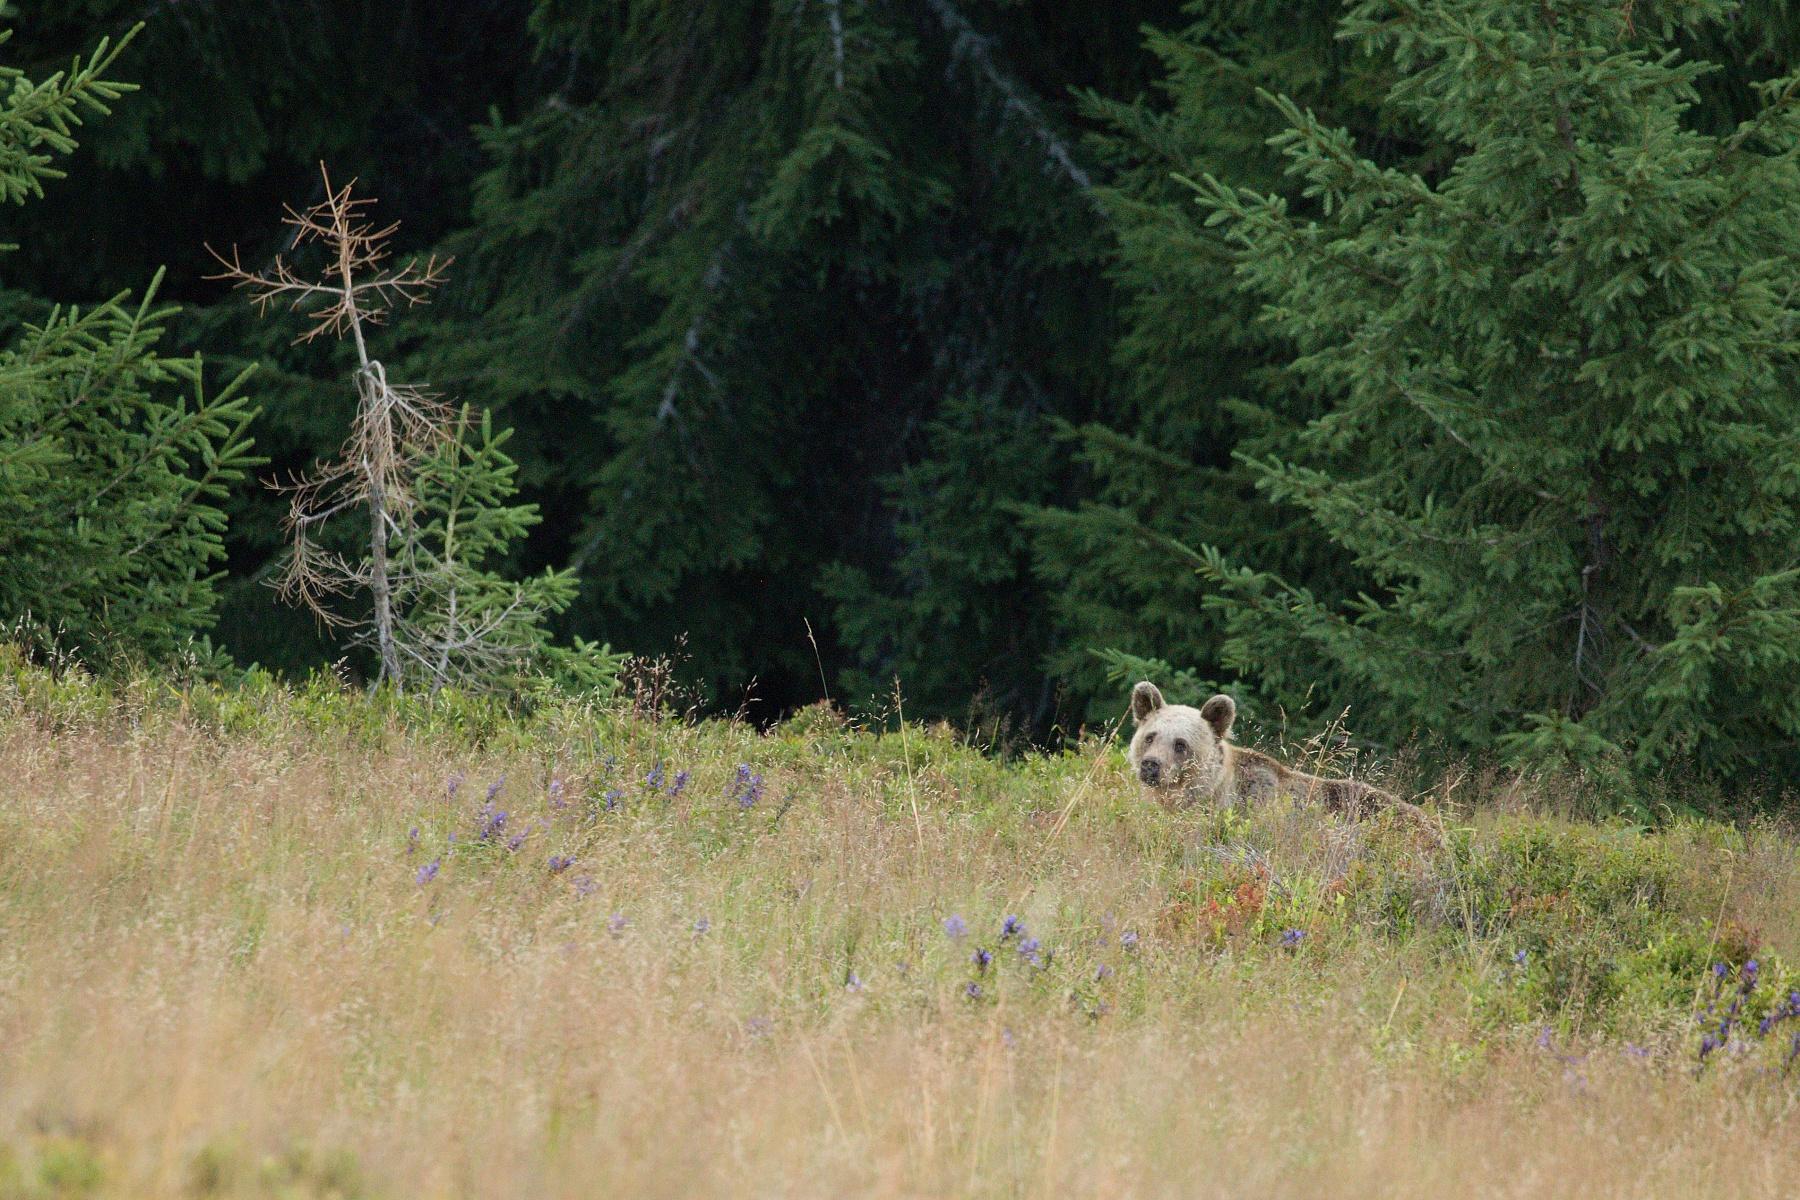 medveď hnedý (Ursus arctos) Brown bear, Veľká Fatra, Slovensko